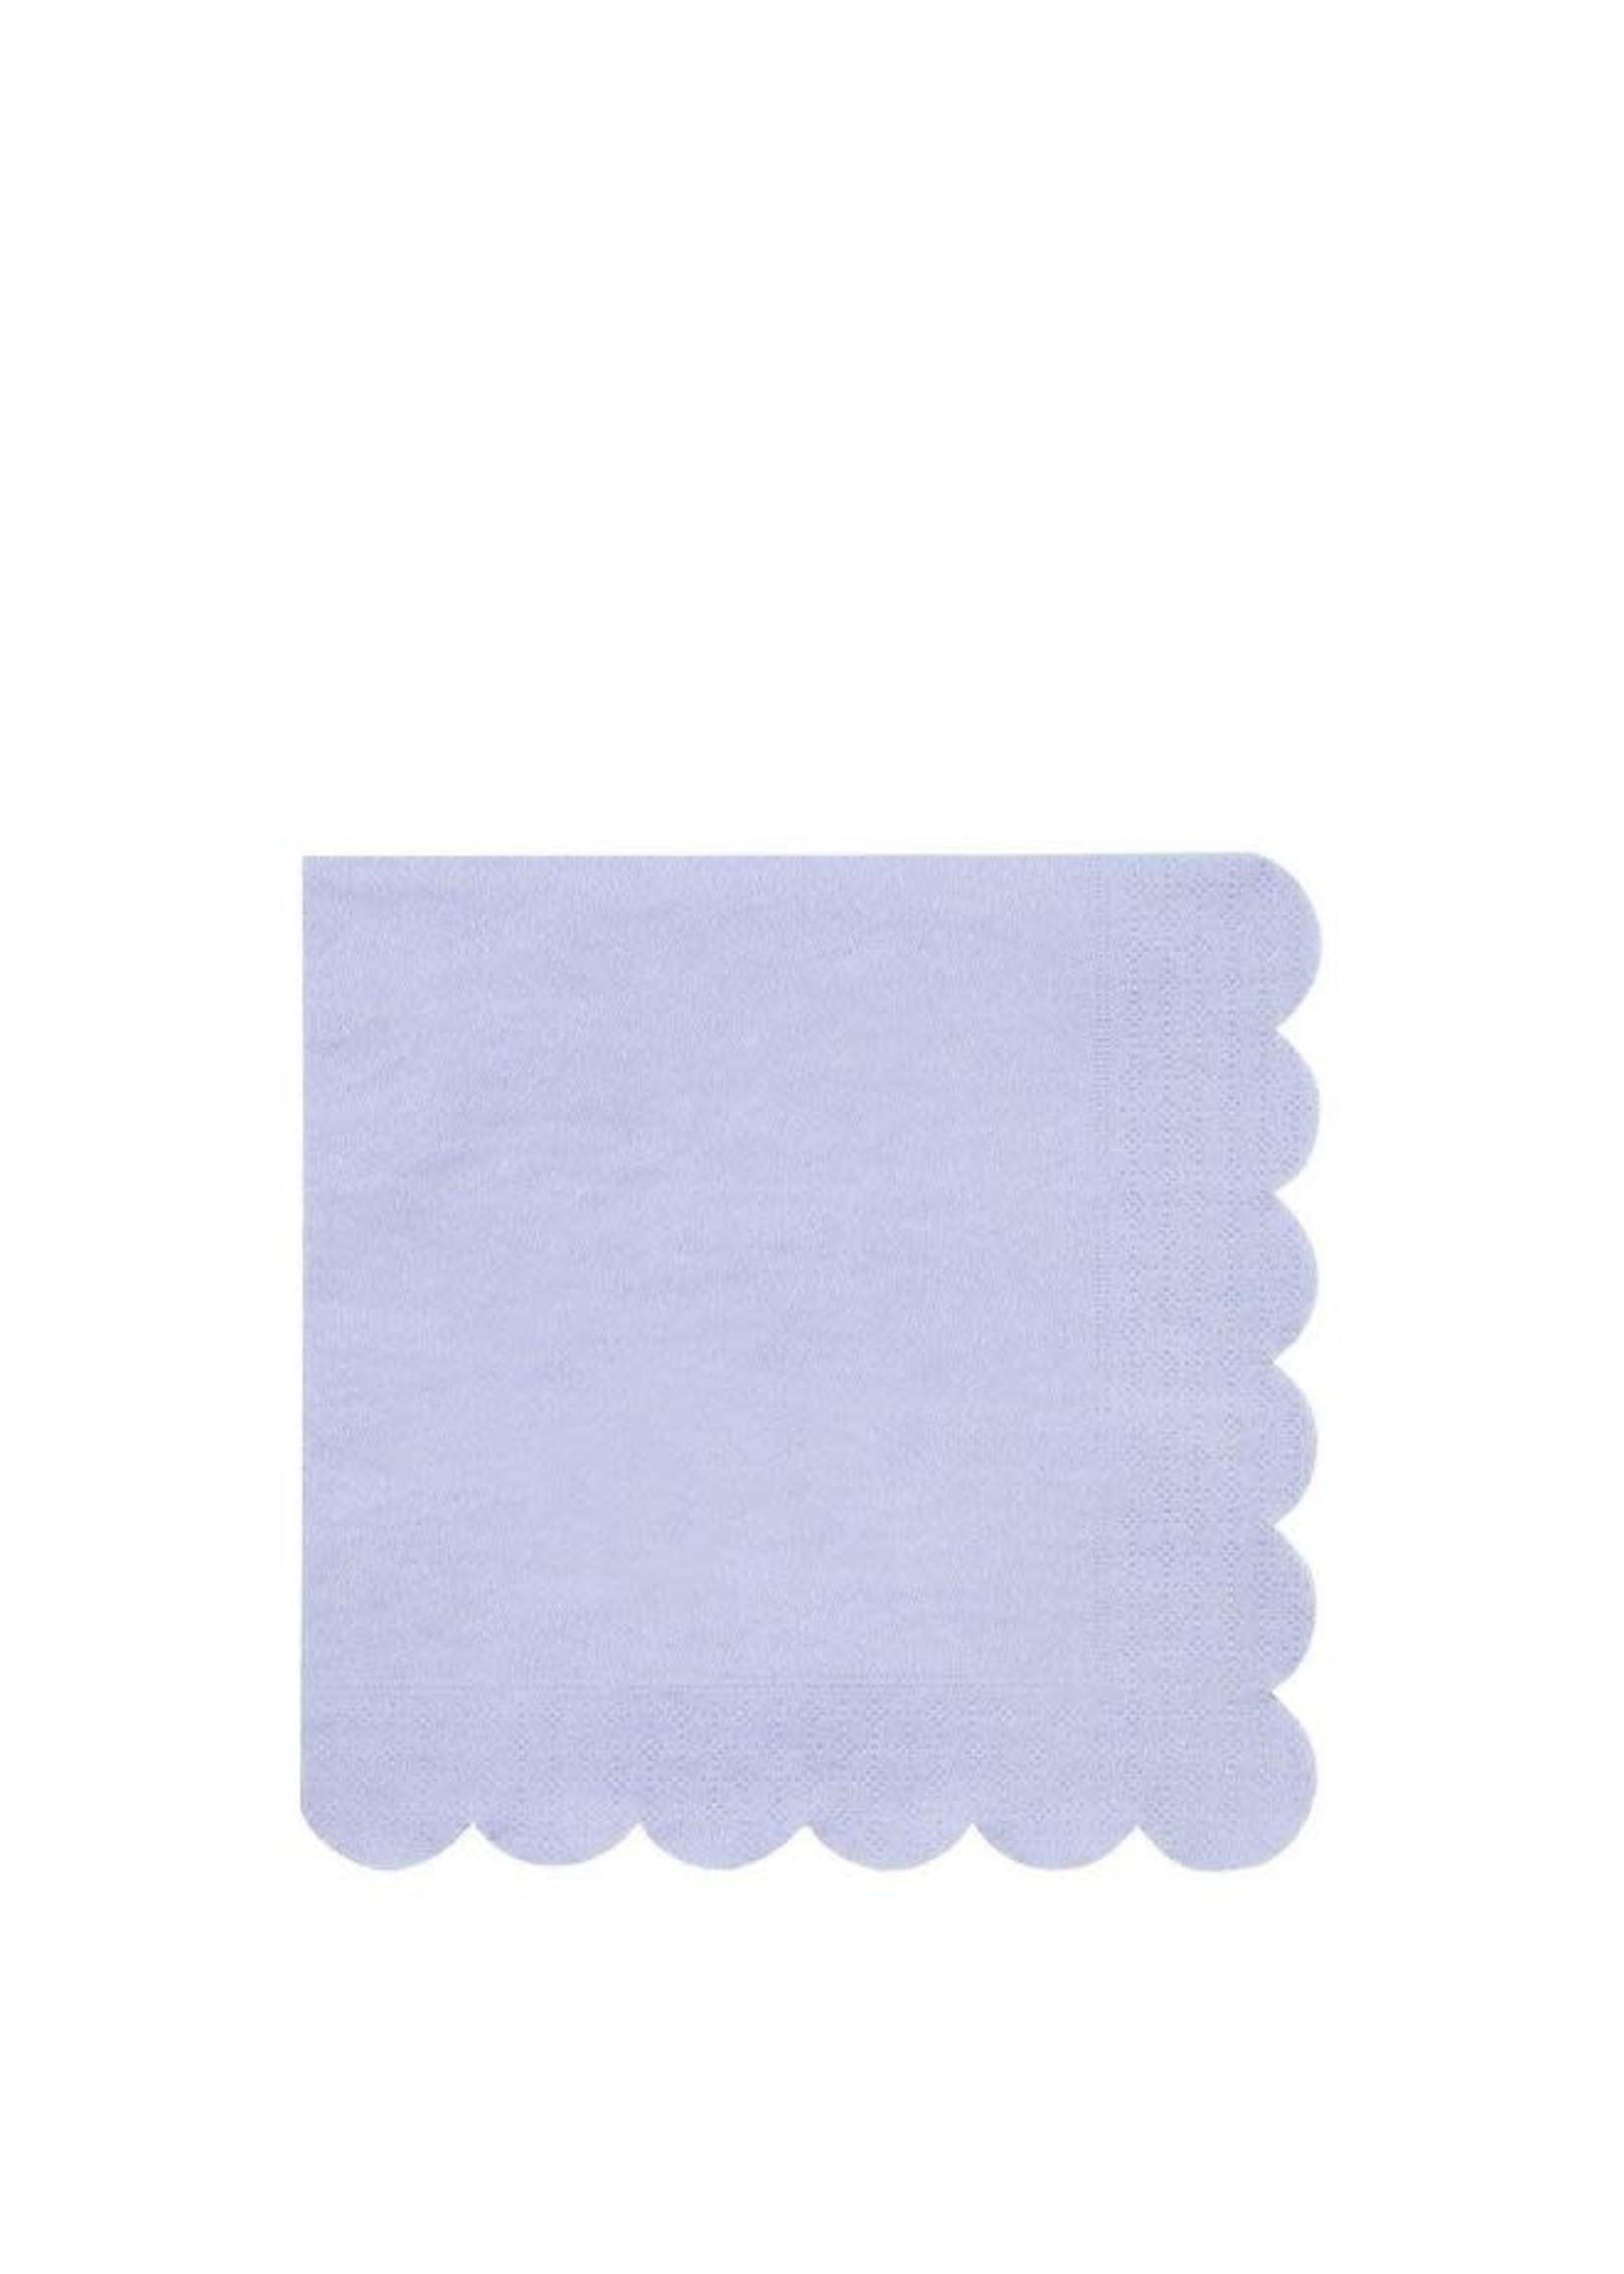 Meri Meri Paper Napkin - Pale Blue Large